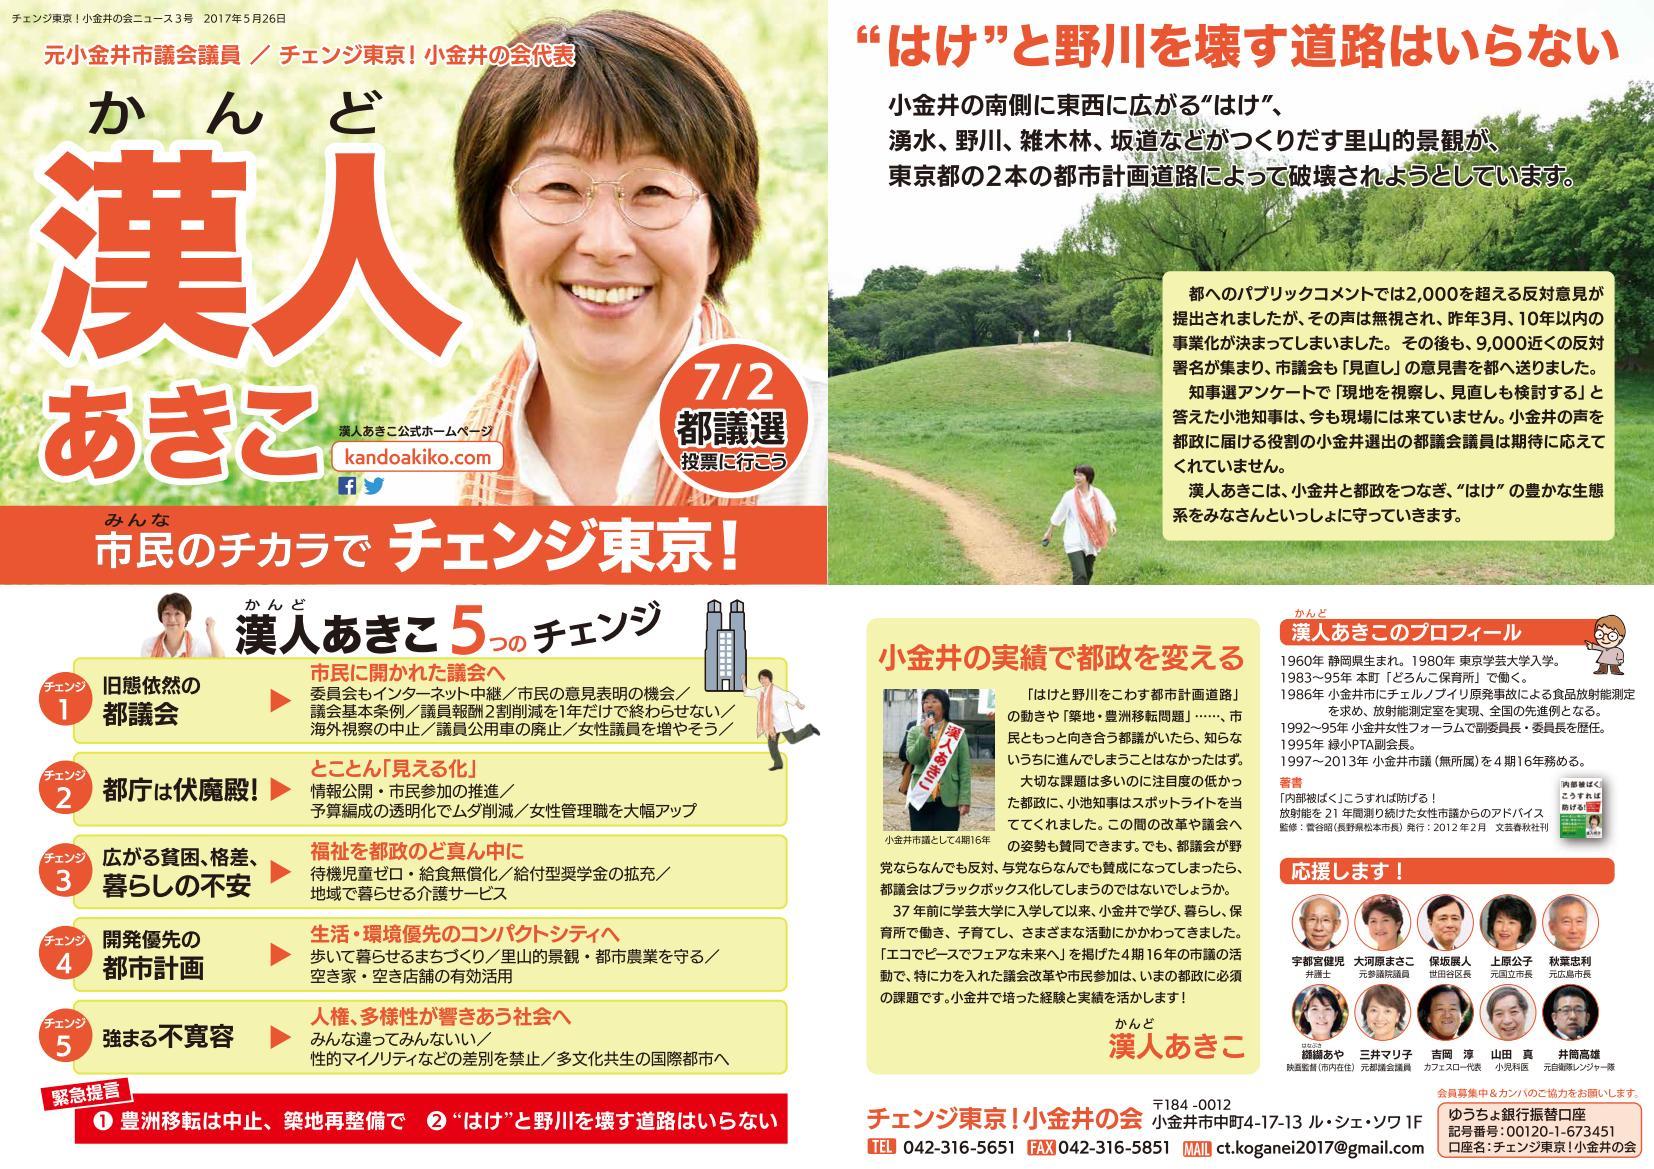 チェンジ東京!小金井の会ニュース 3号-表